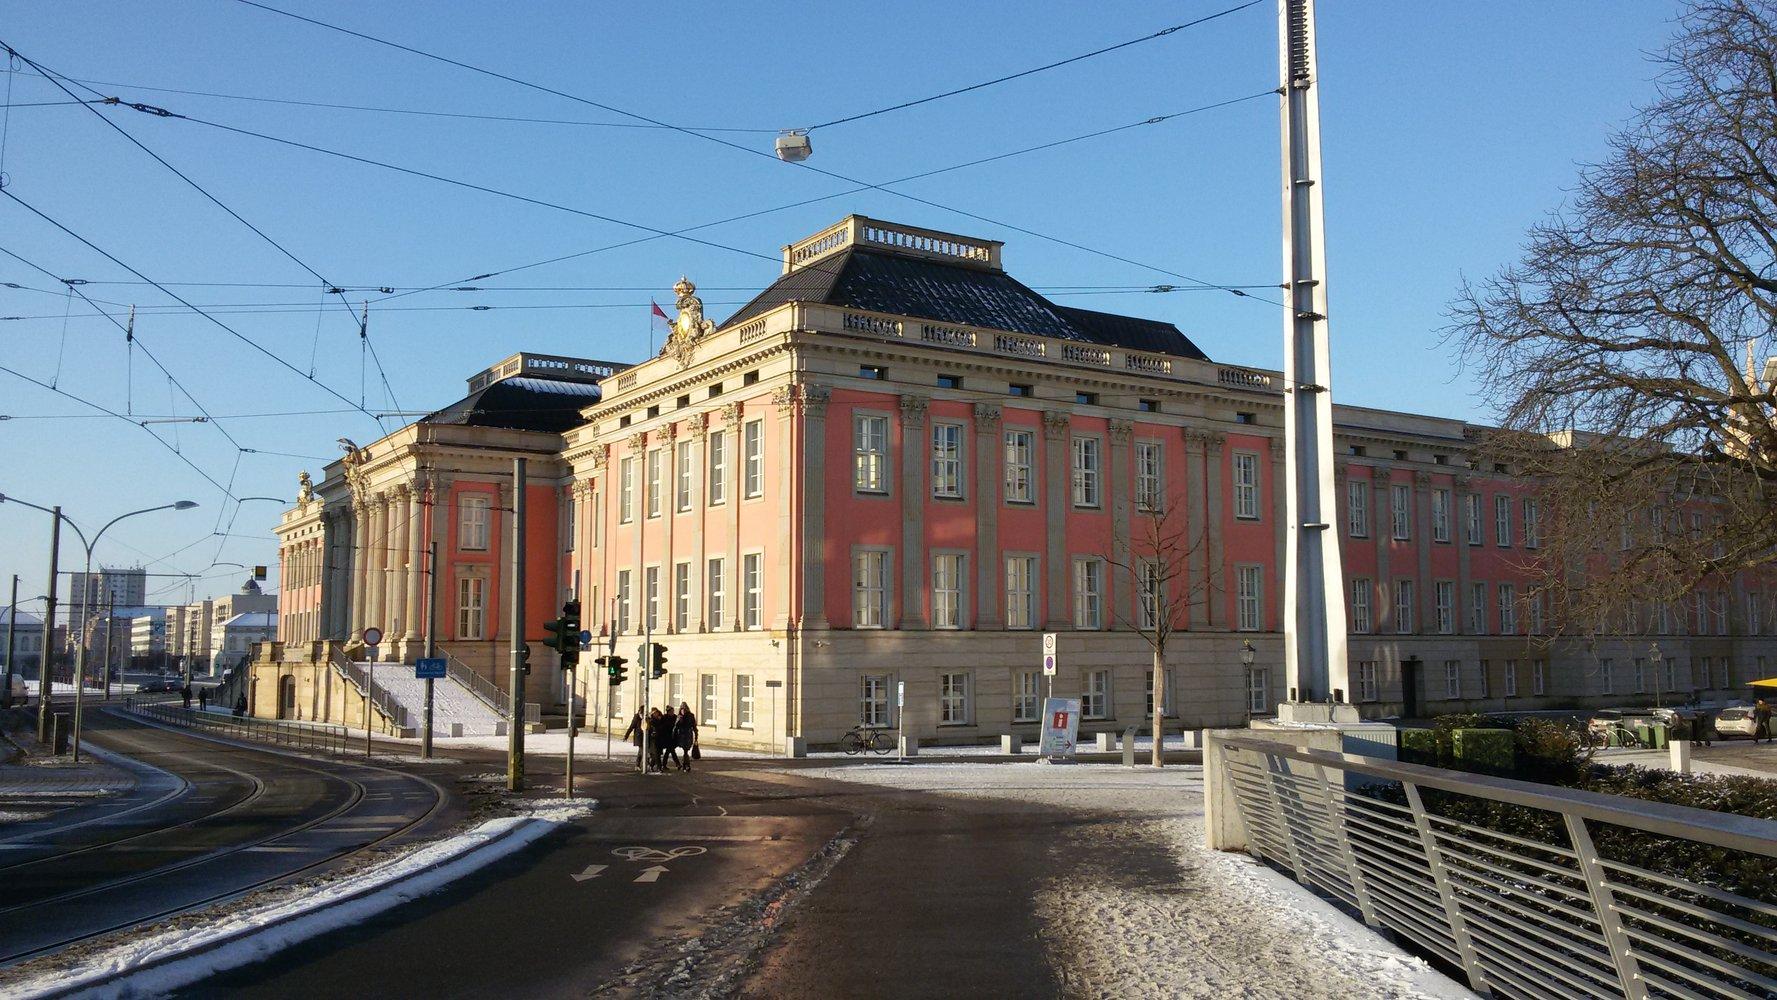 markt de kontakte berlin Paderborn